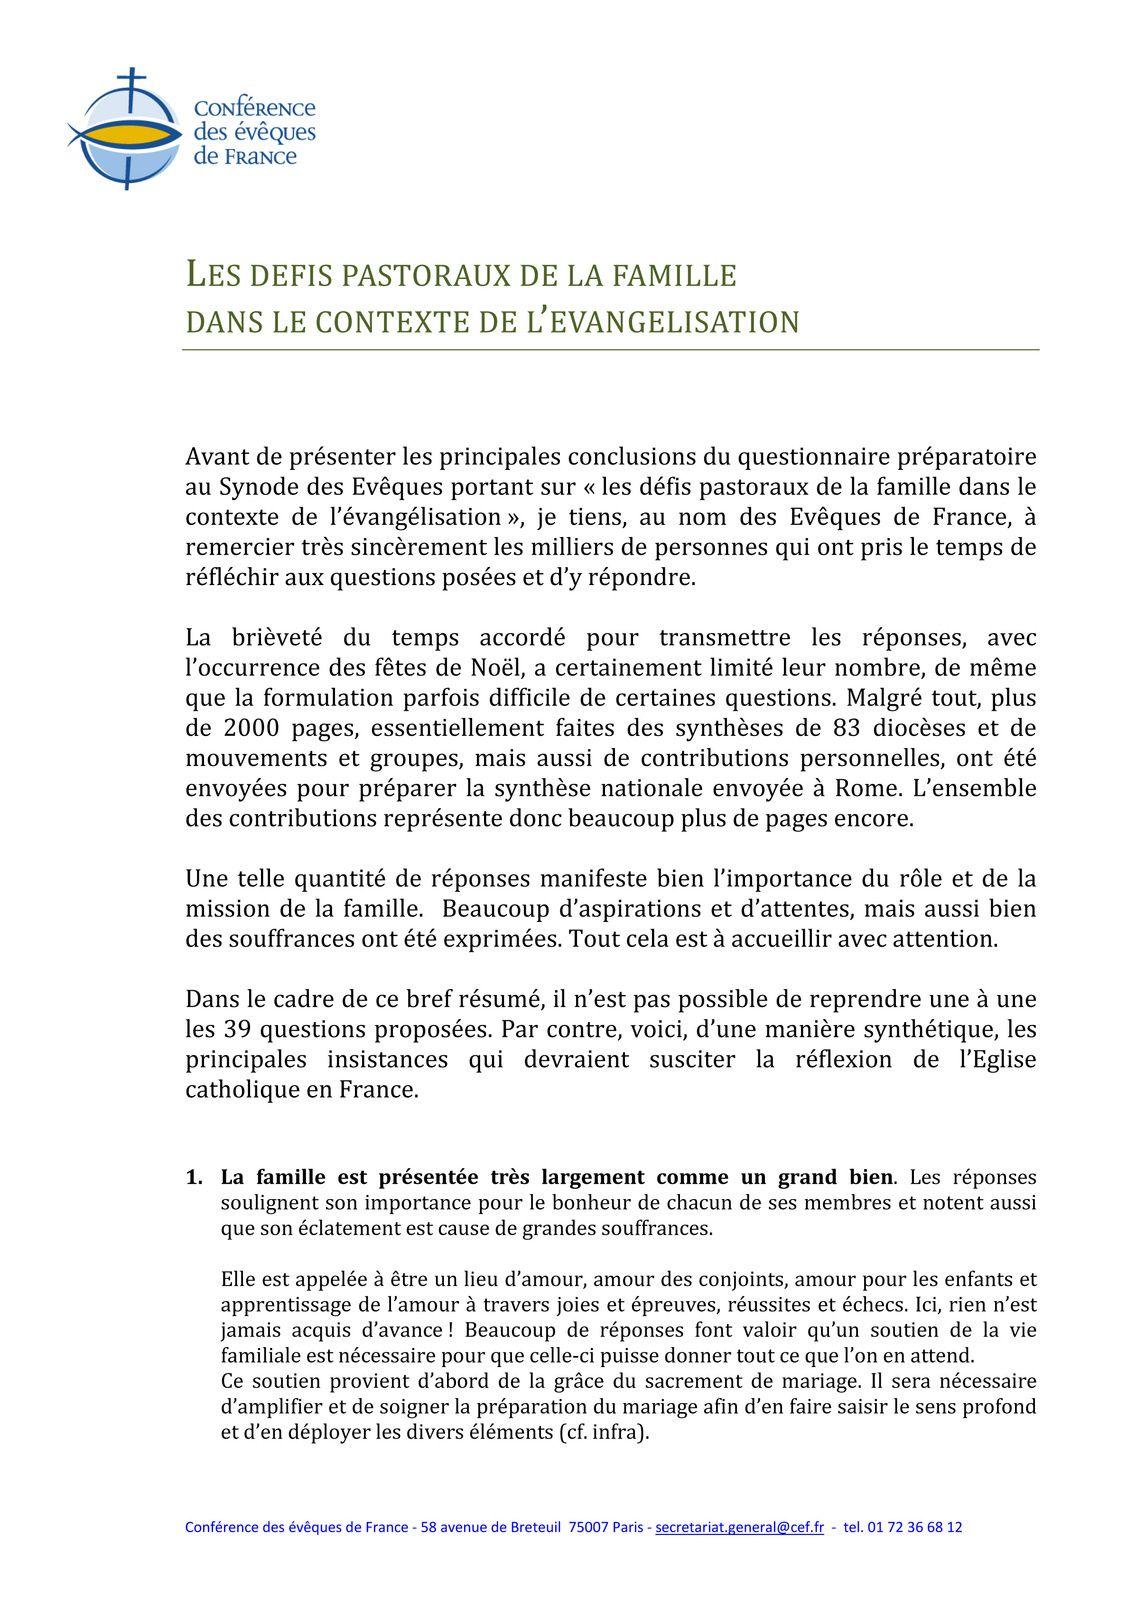 LES DEFITS PASTORAUX DE LA FAMILLE